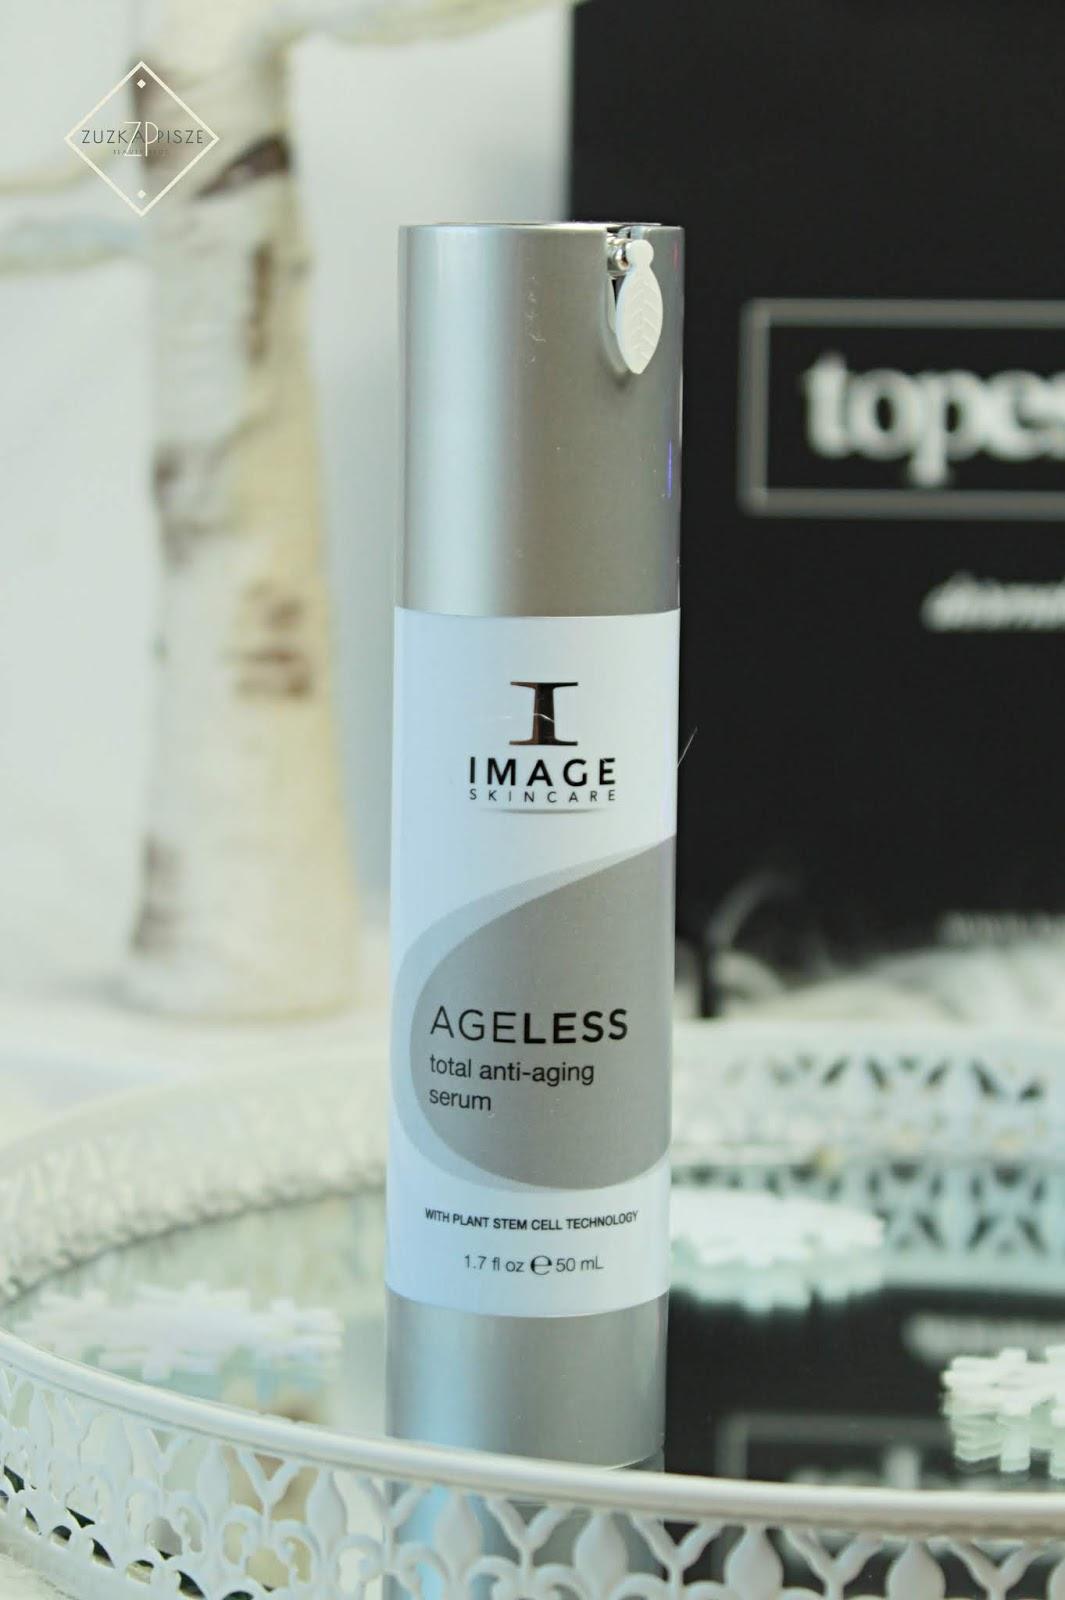 Image Skincare Total Anti Aging Serum Serum z komórkami macierzystymi